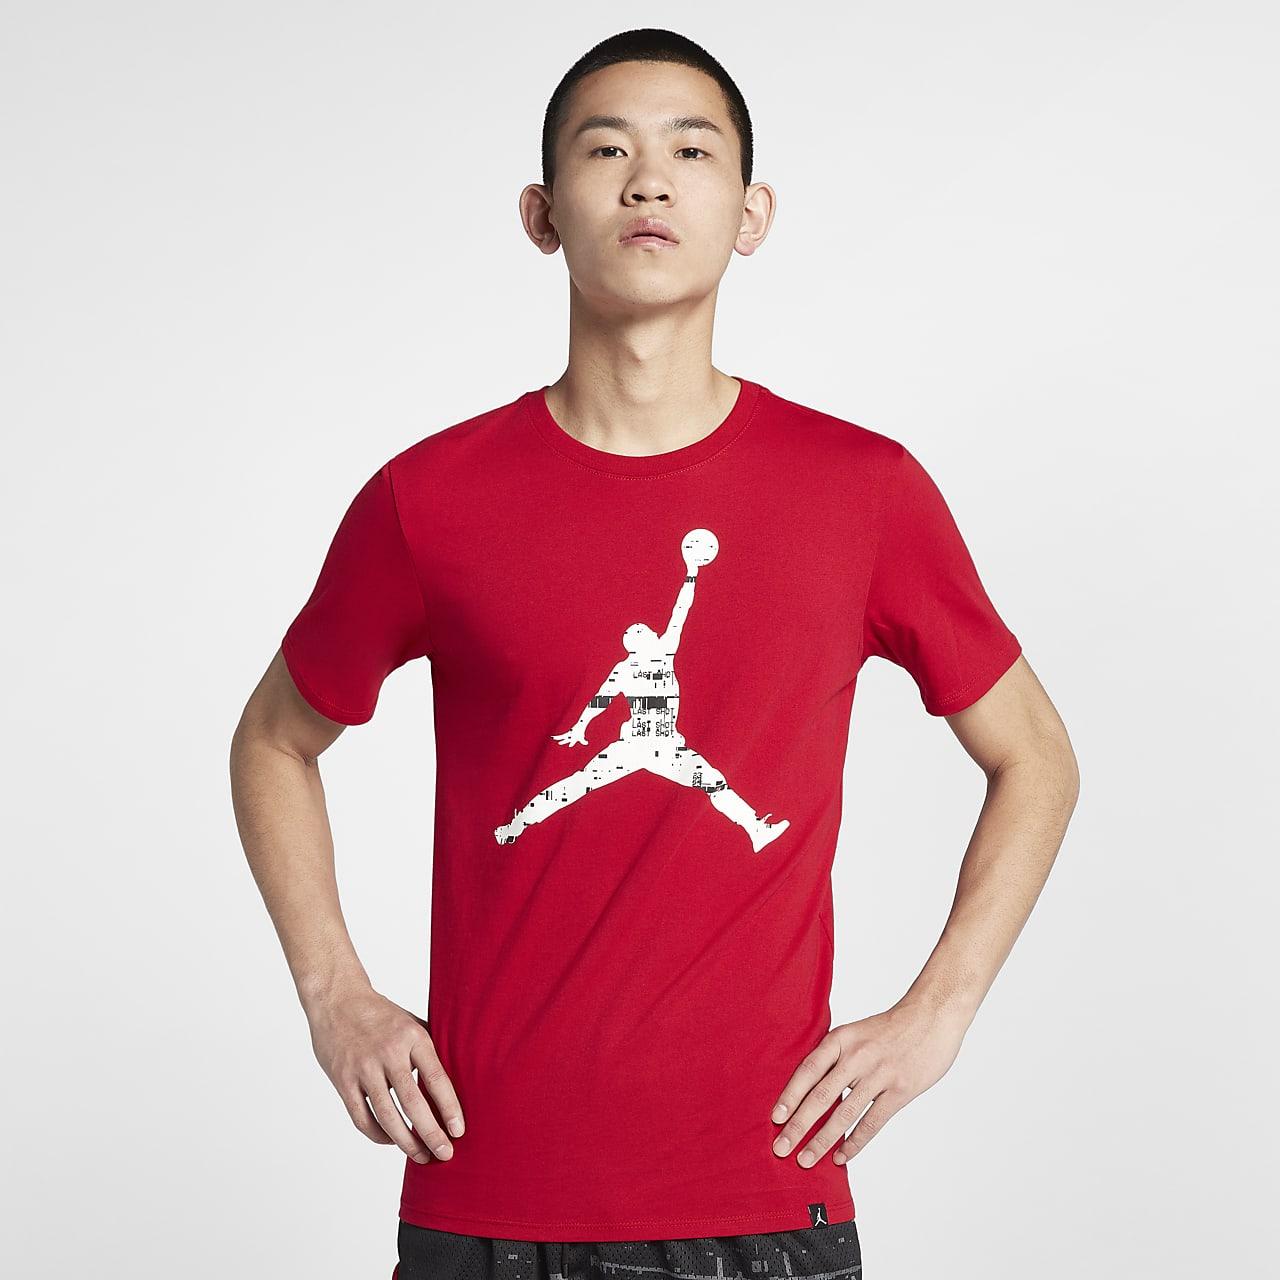 Jordan Sportswear Last Shot 男子T恤